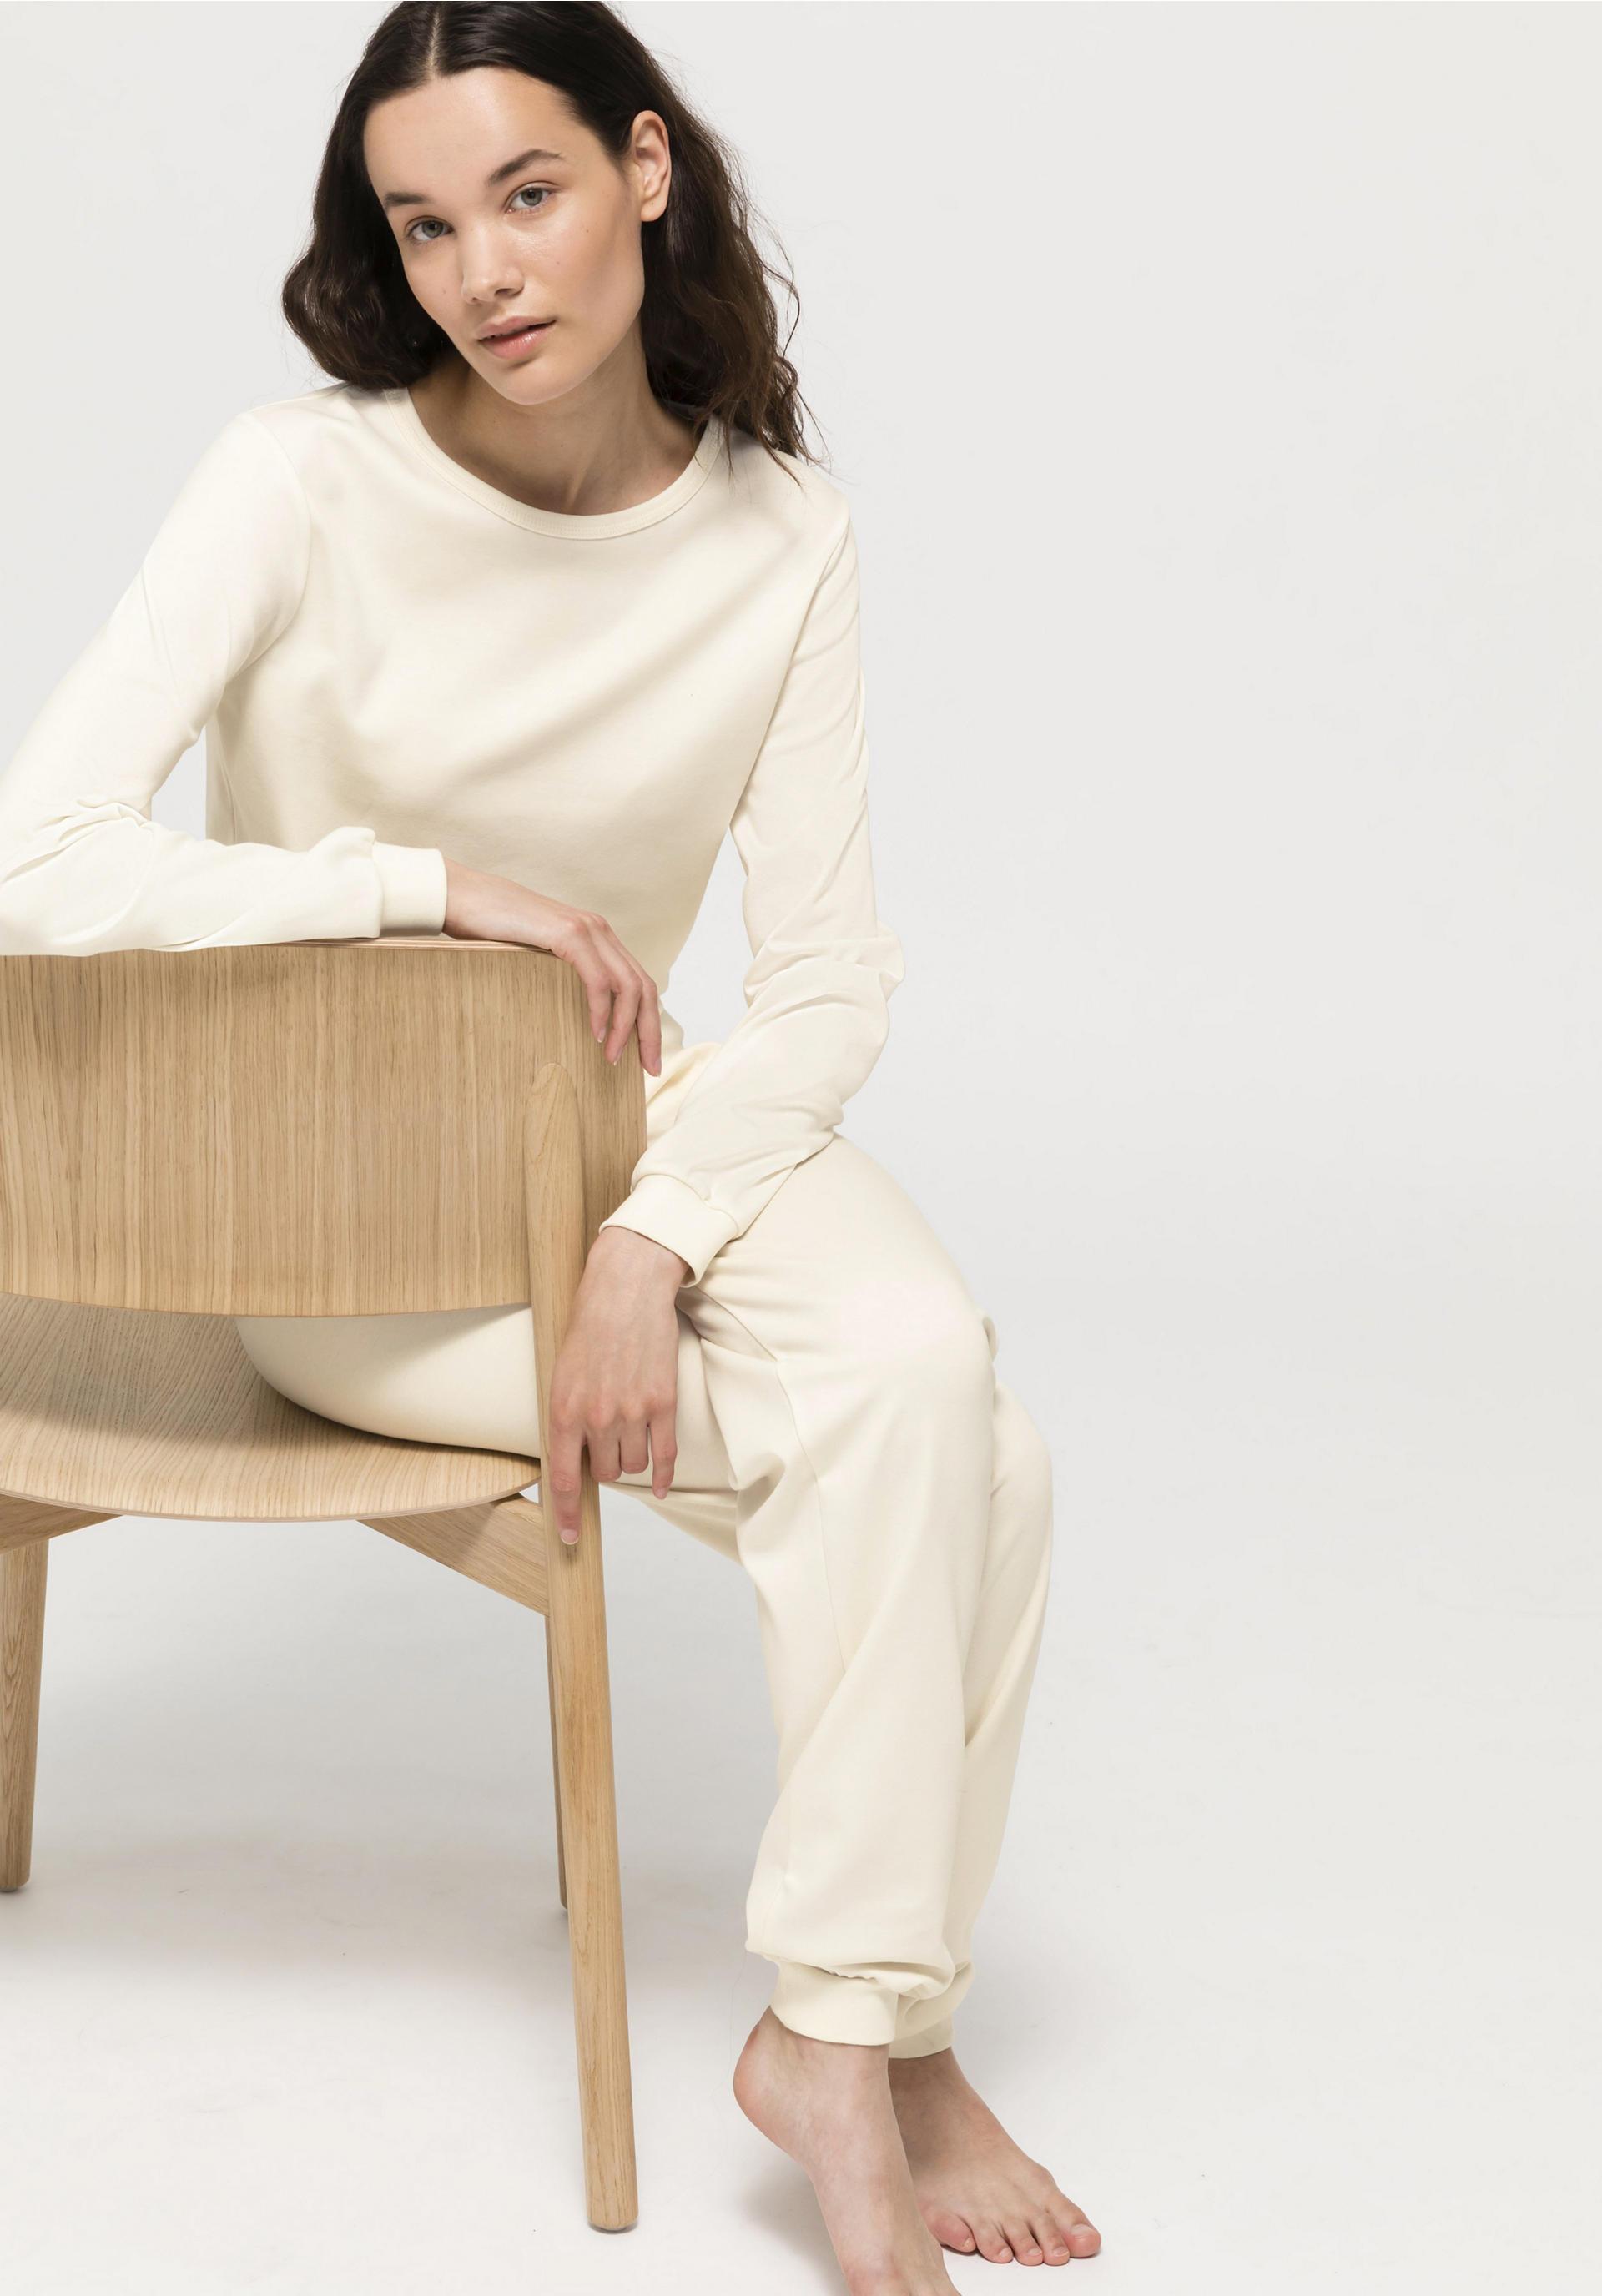 new styles 6633e 04d22 Pyjama PureNATURE aus reiner Bio-Baumwolle von hessnatur